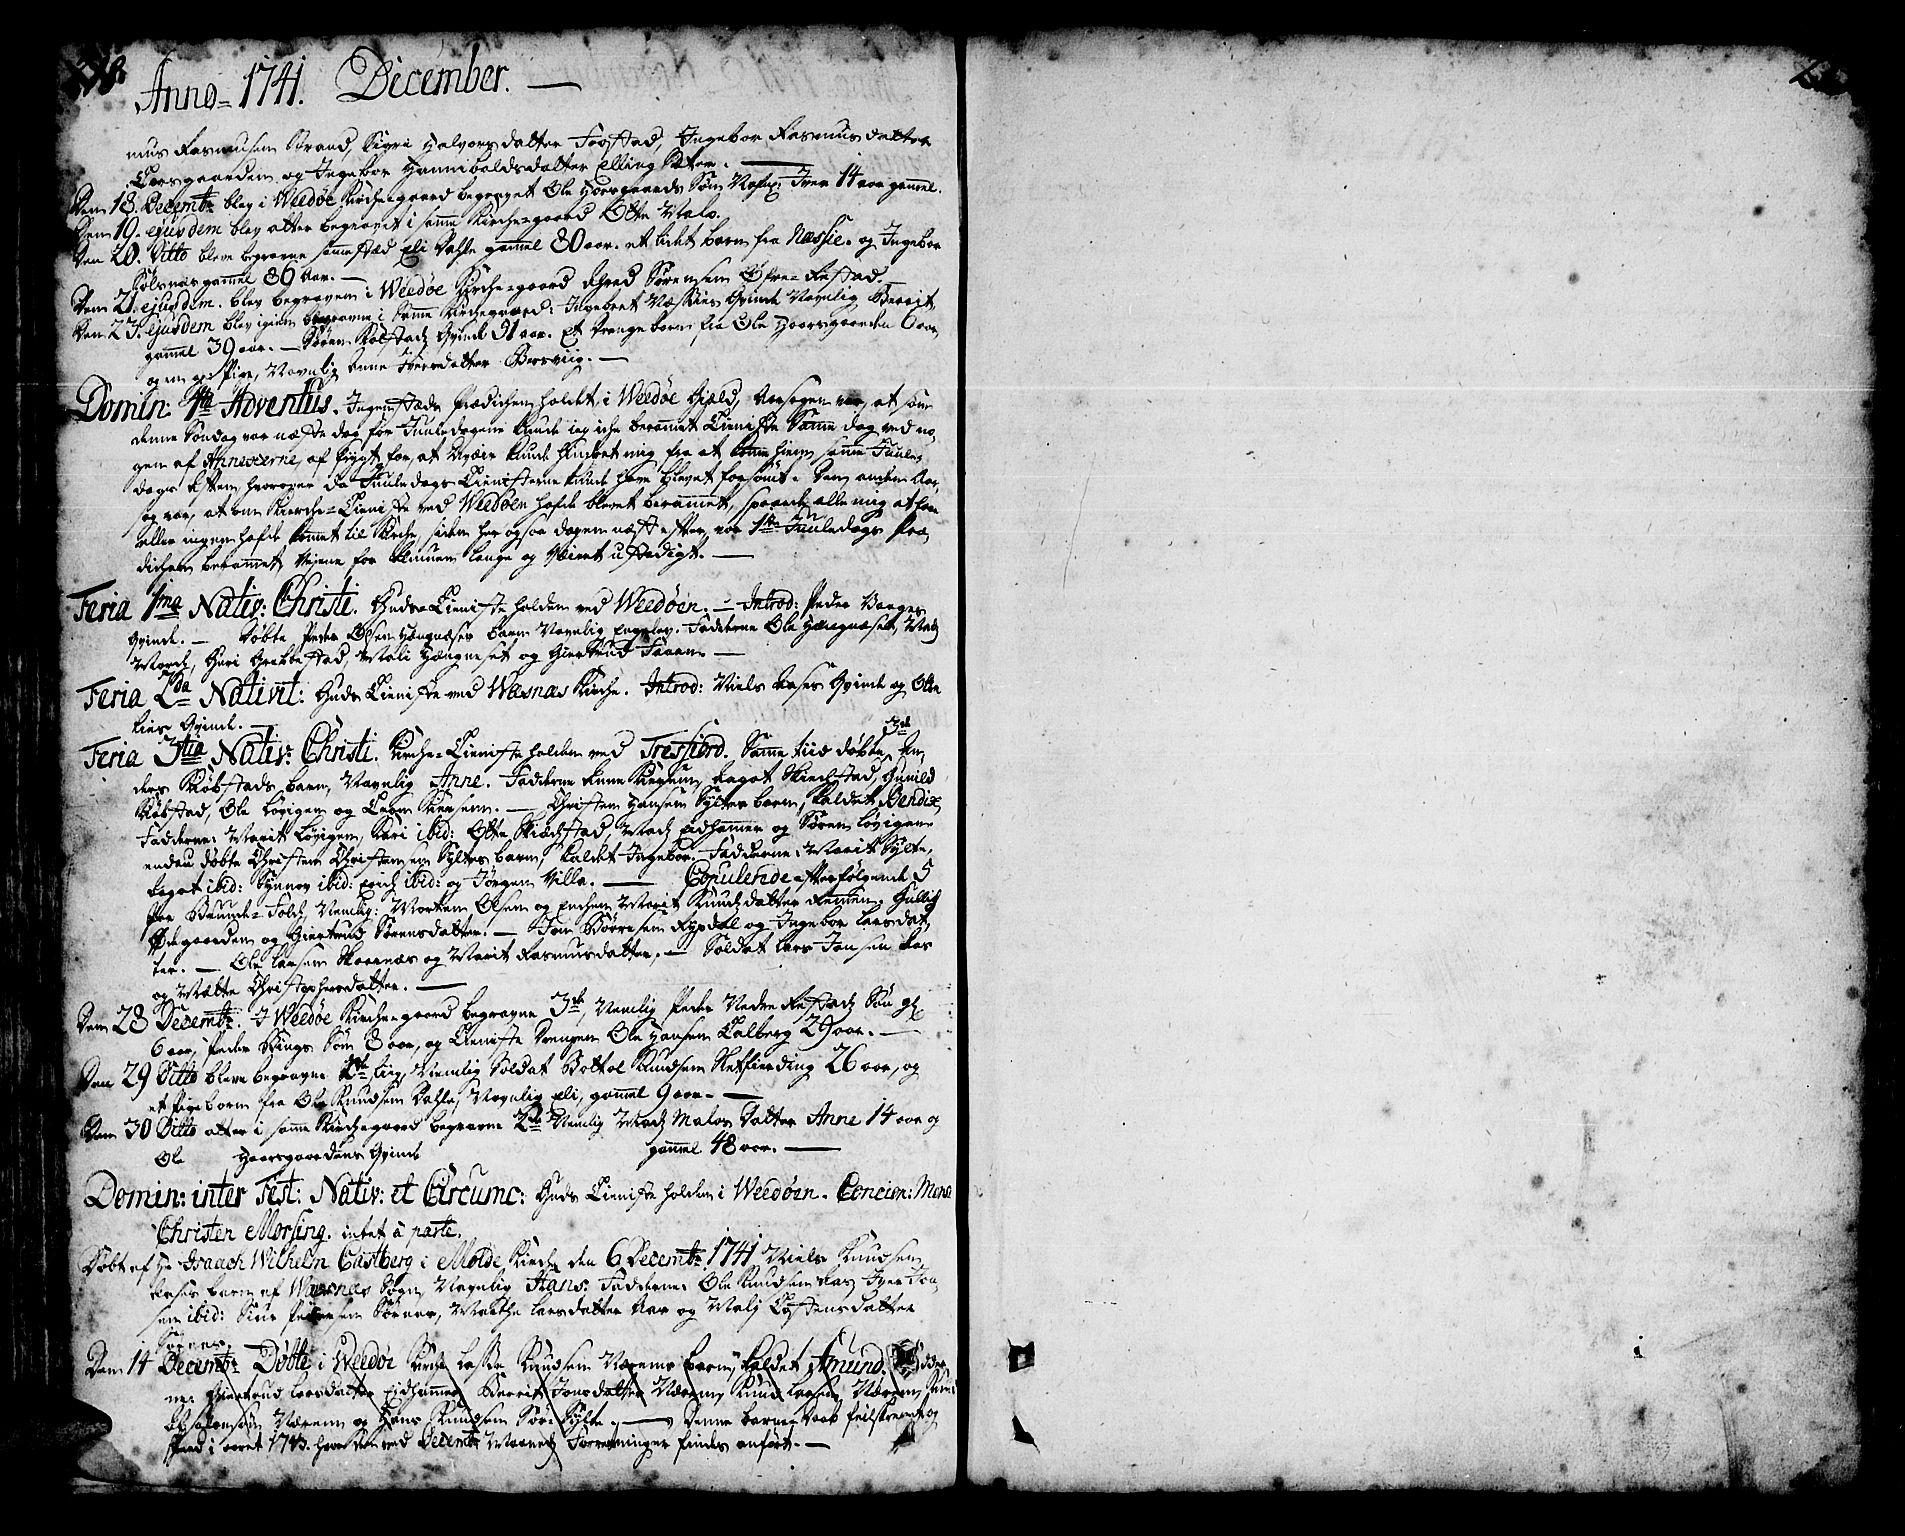 SAT, Ministerialprotokoller, klokkerbøker og fødselsregistre - Møre og Romsdal, 547/L0599: Ministerialbok nr. 547A01, 1721-1764, s. 218-219